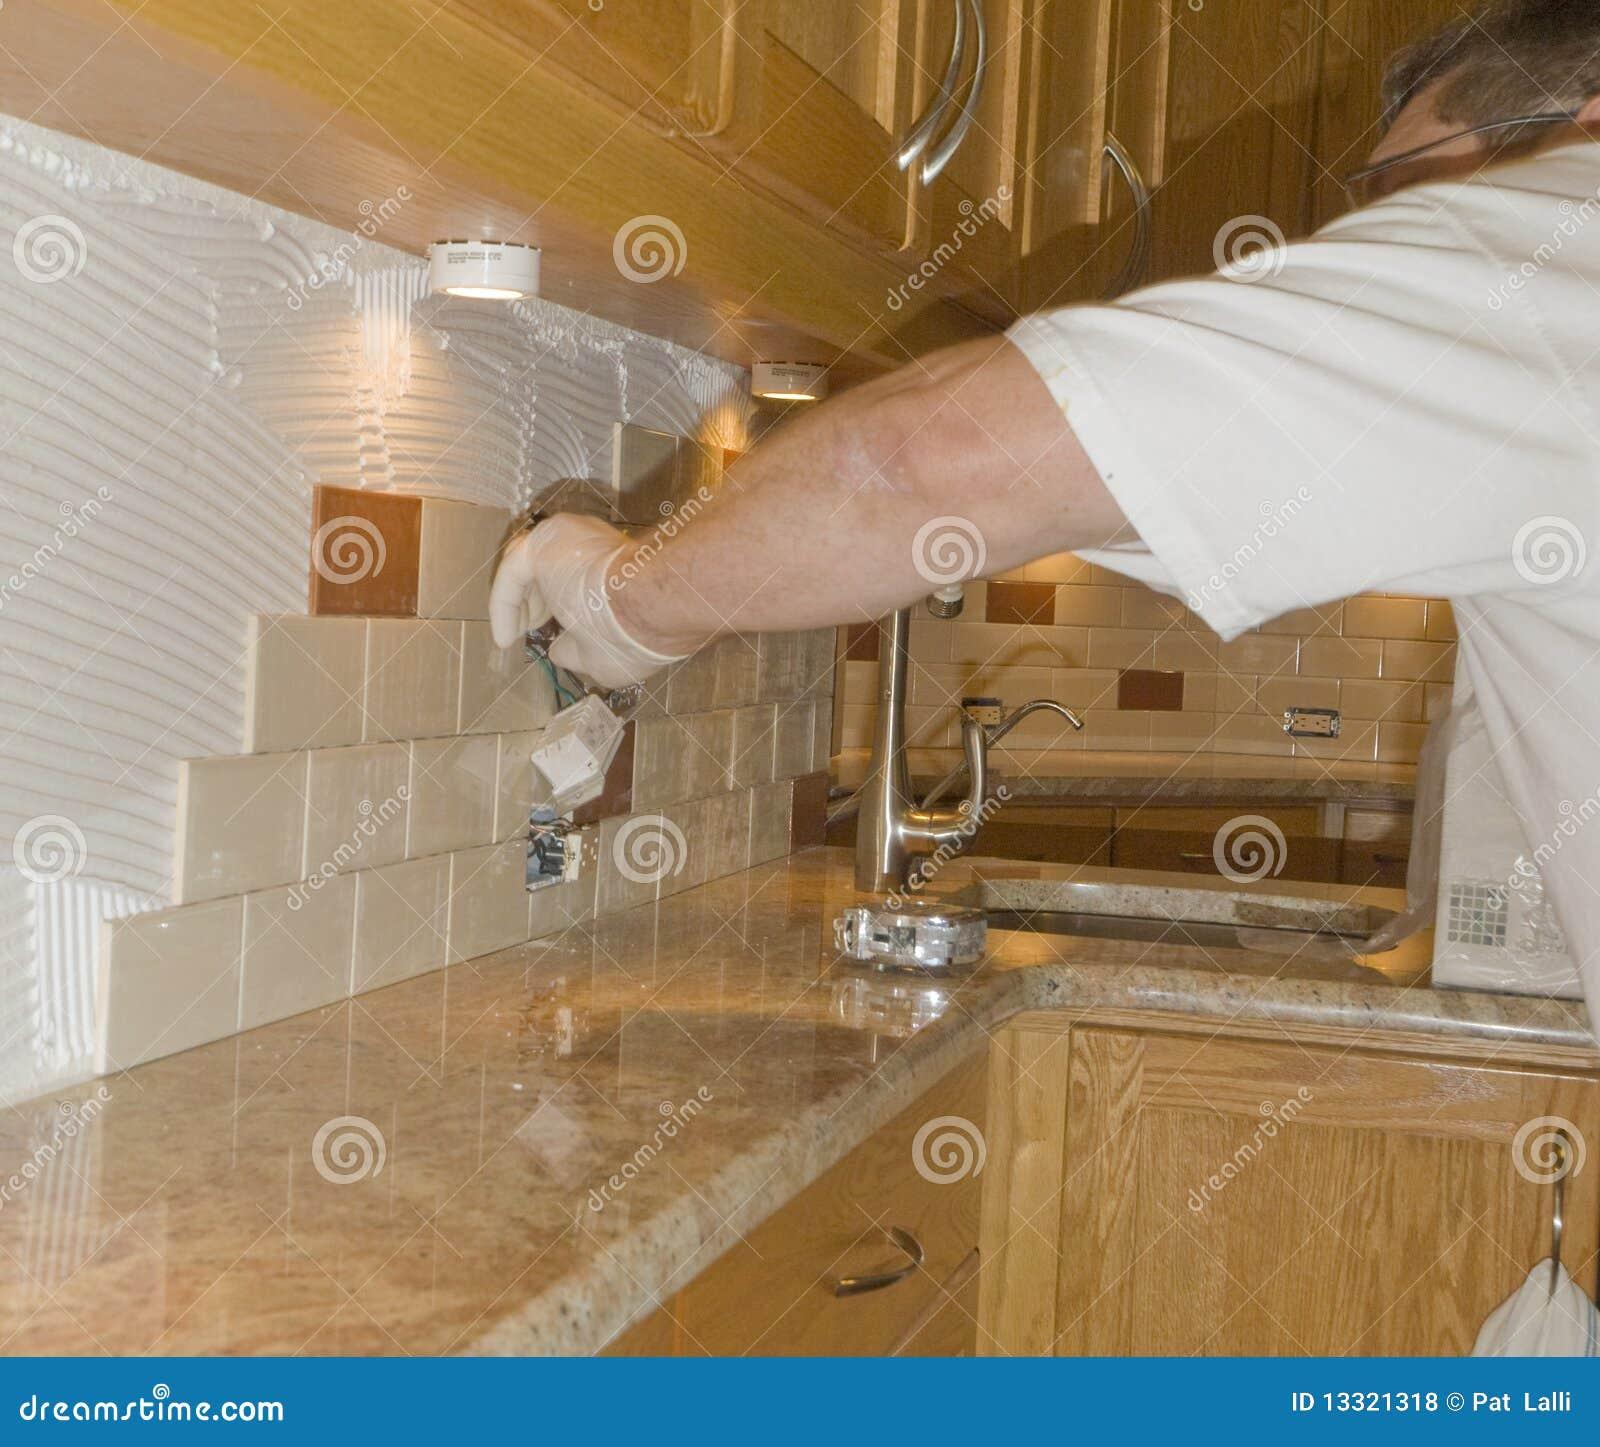 #85A824 Instalação Da Telha Cerâmica No Backsplash 12 Da Cozinha Fotos de  1300x1192 px Projetos Da Instalação Da Cozinha_401 Imagens